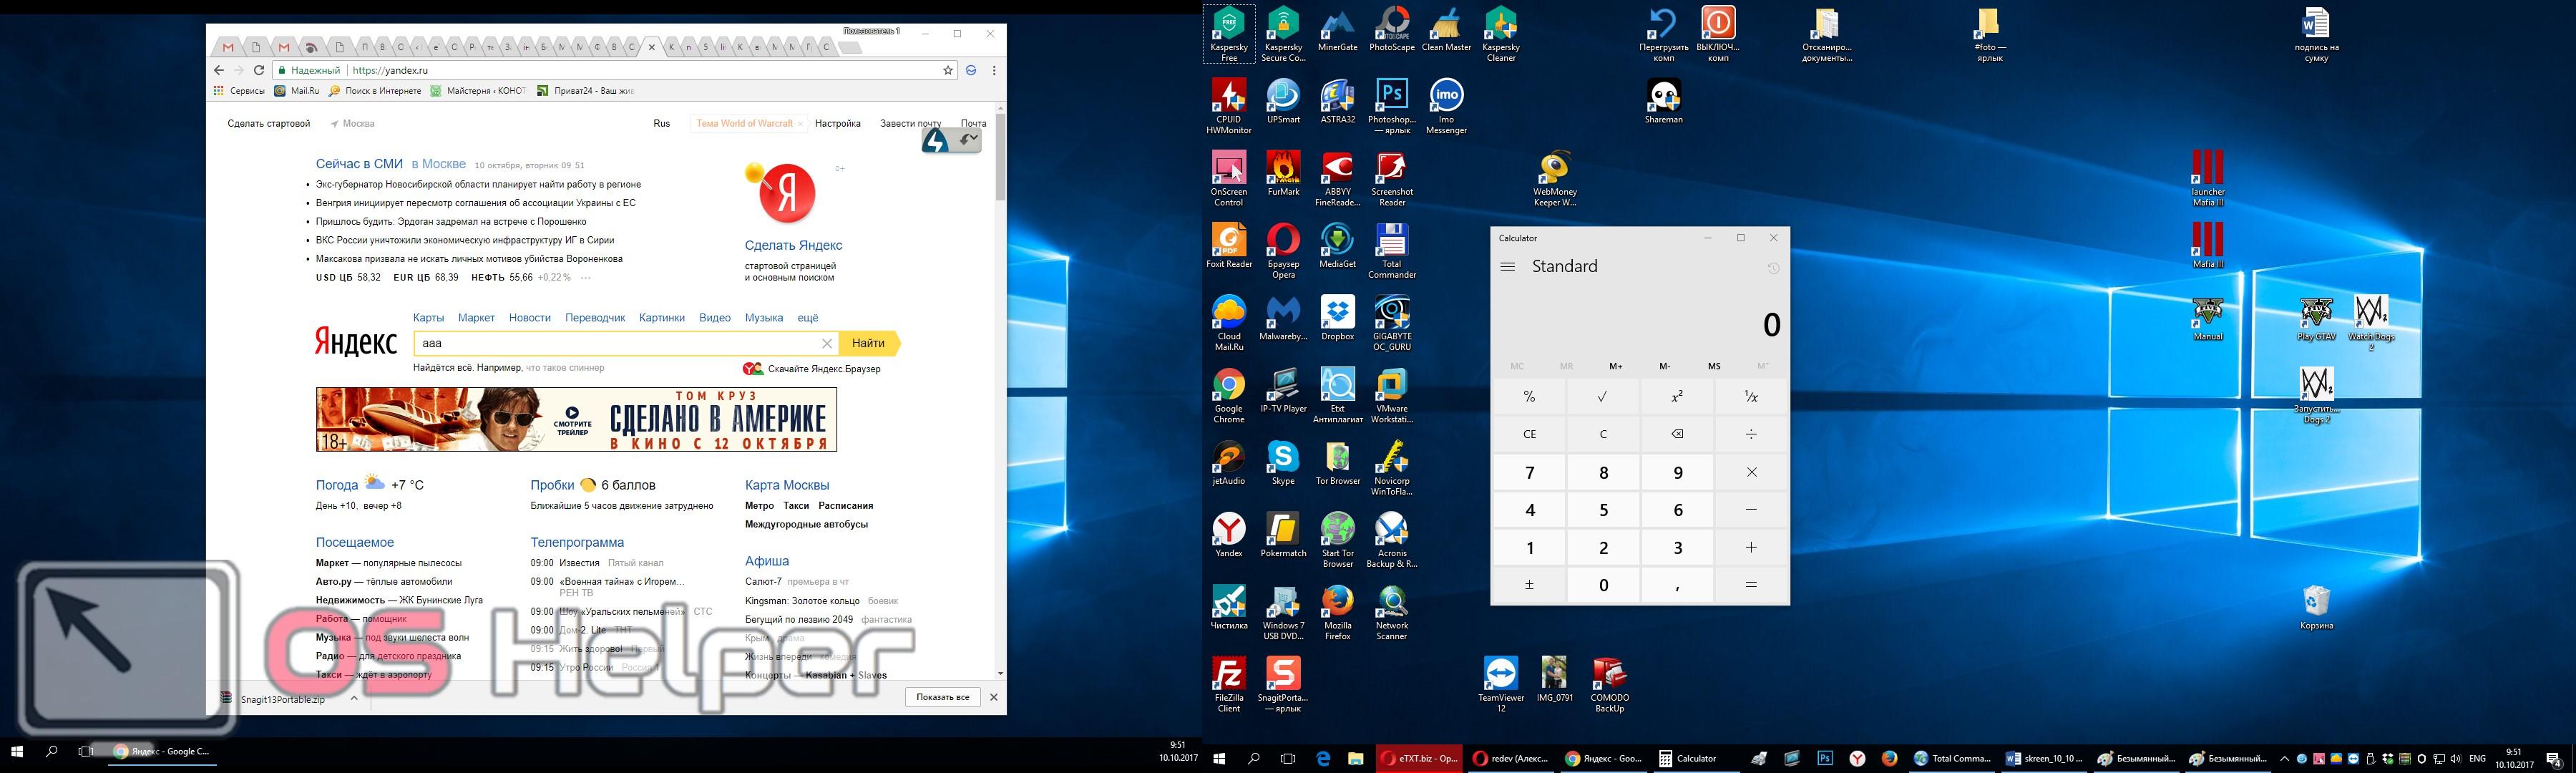 Как сделать скриншот экрана на компьютере на Windows 10